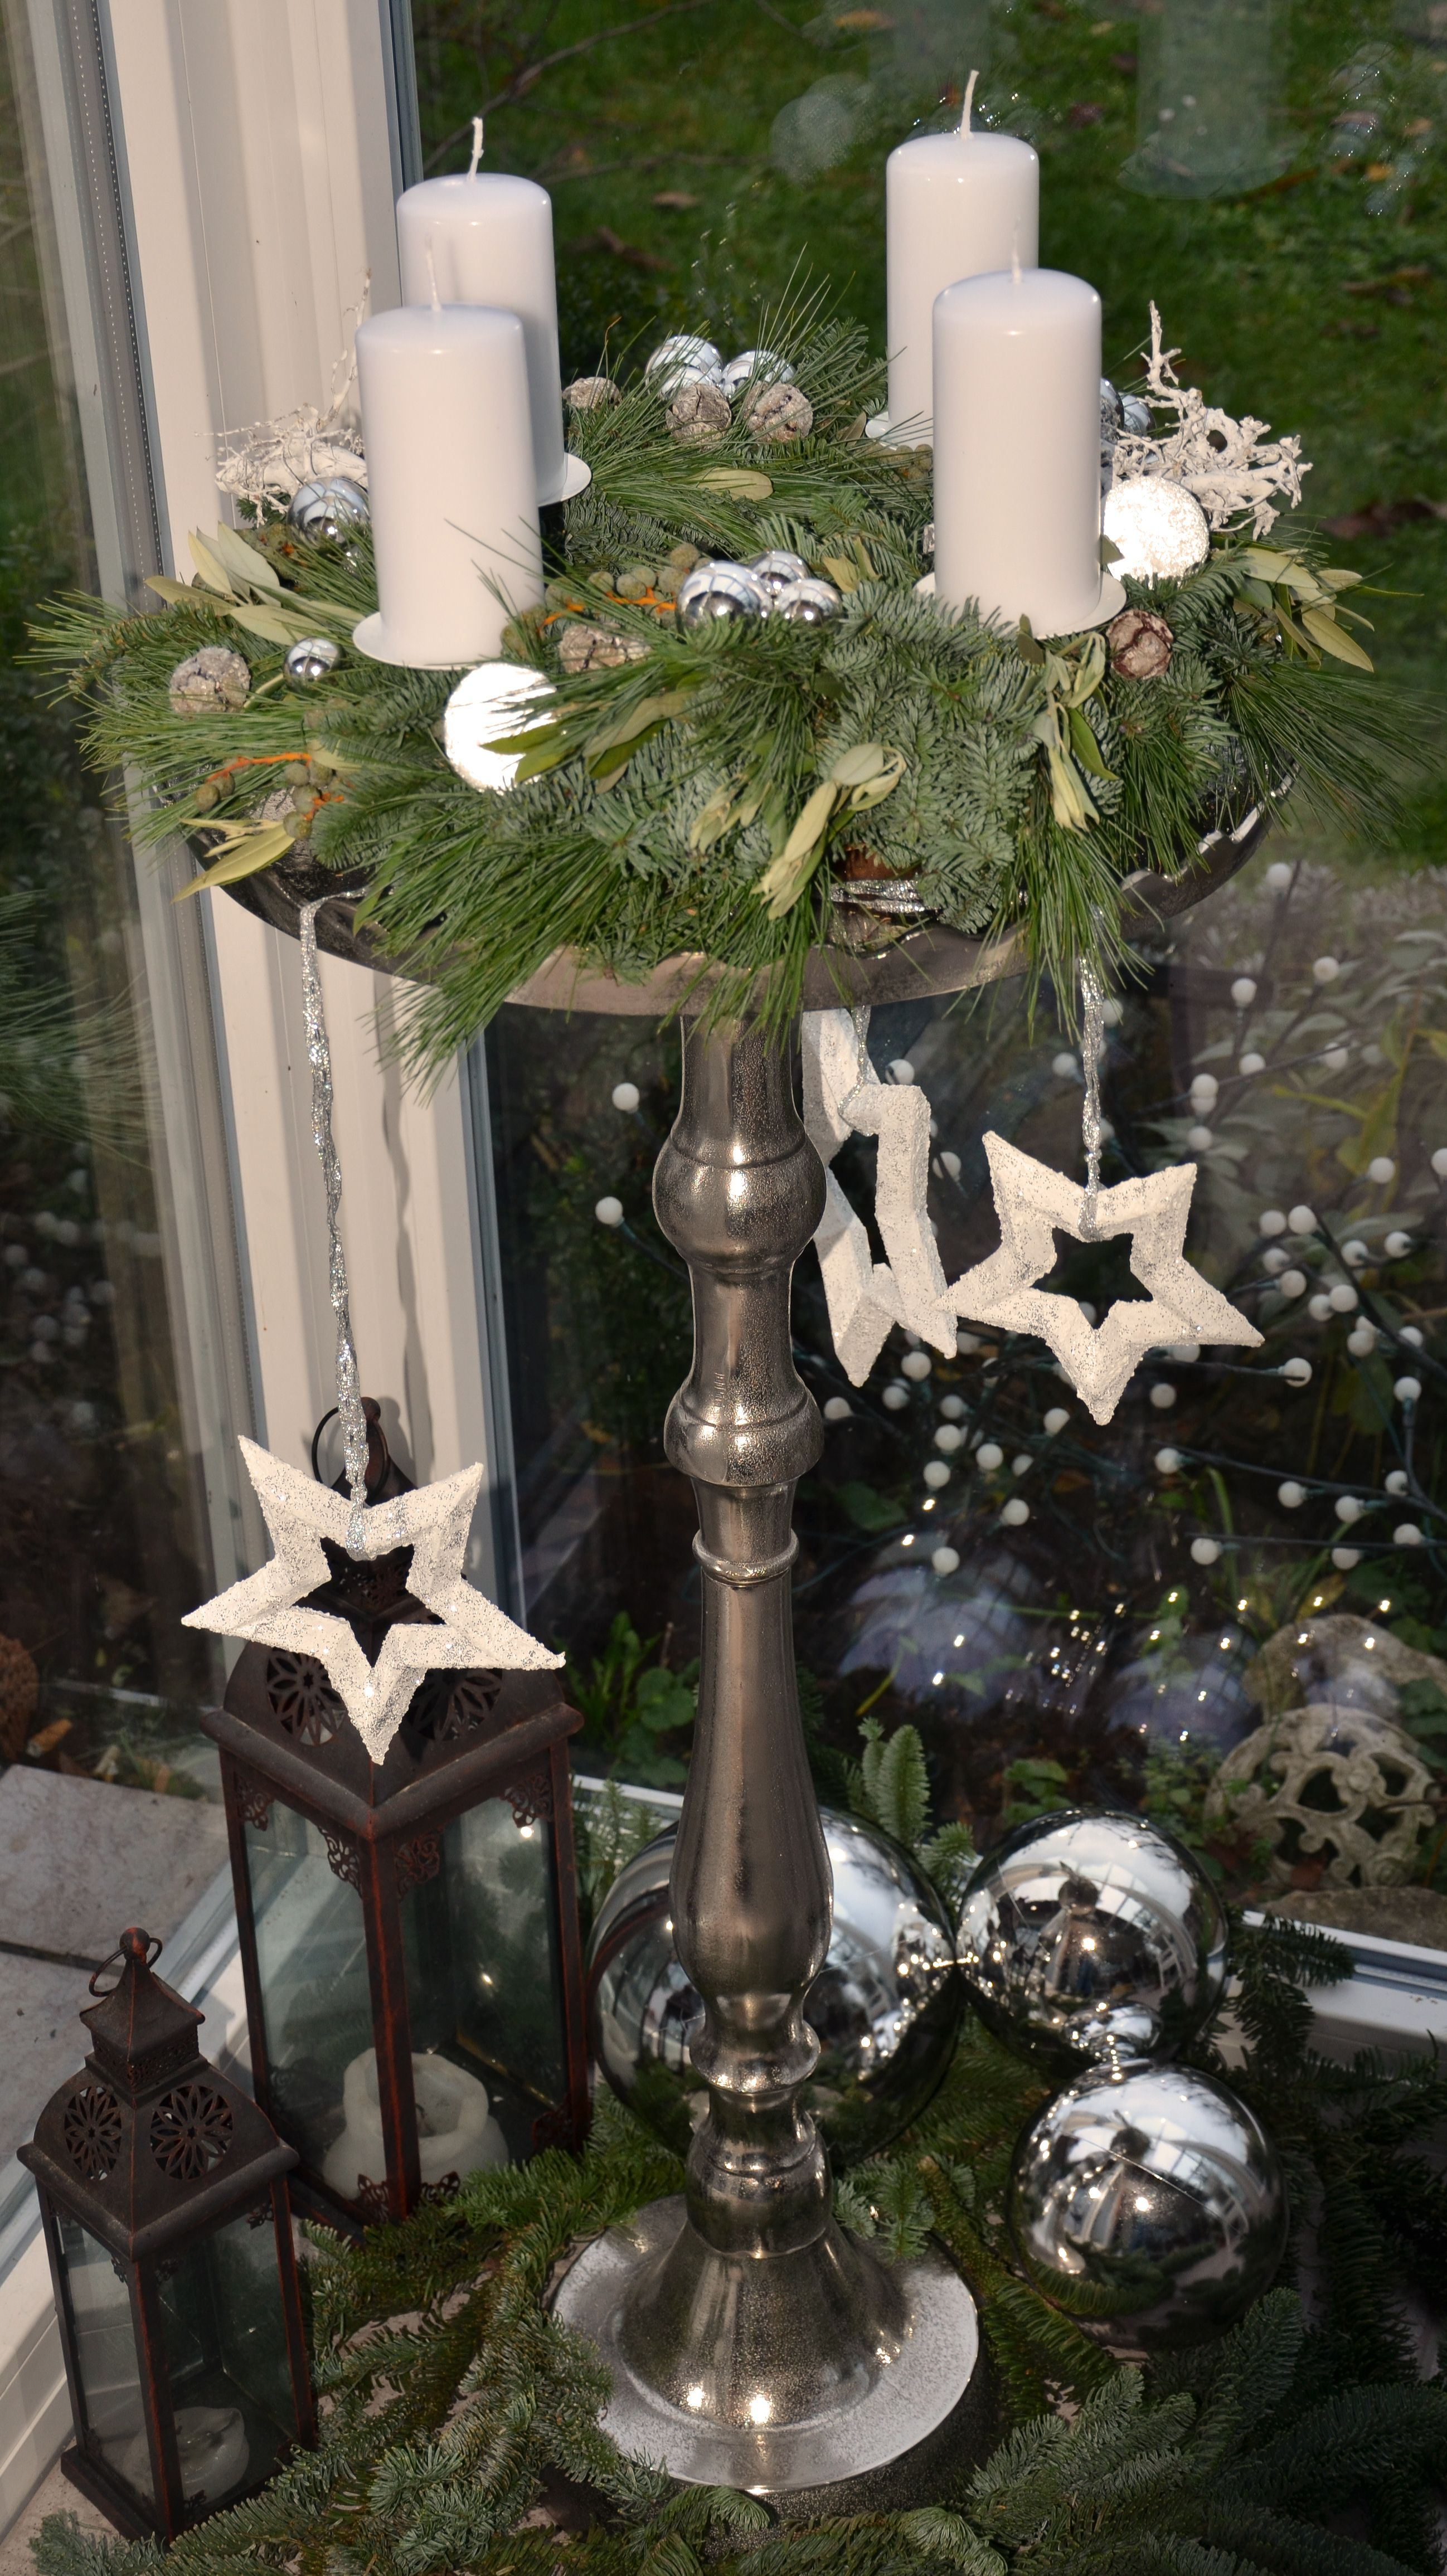 Adventskranz auf Ständer | Weihnachten dekoration